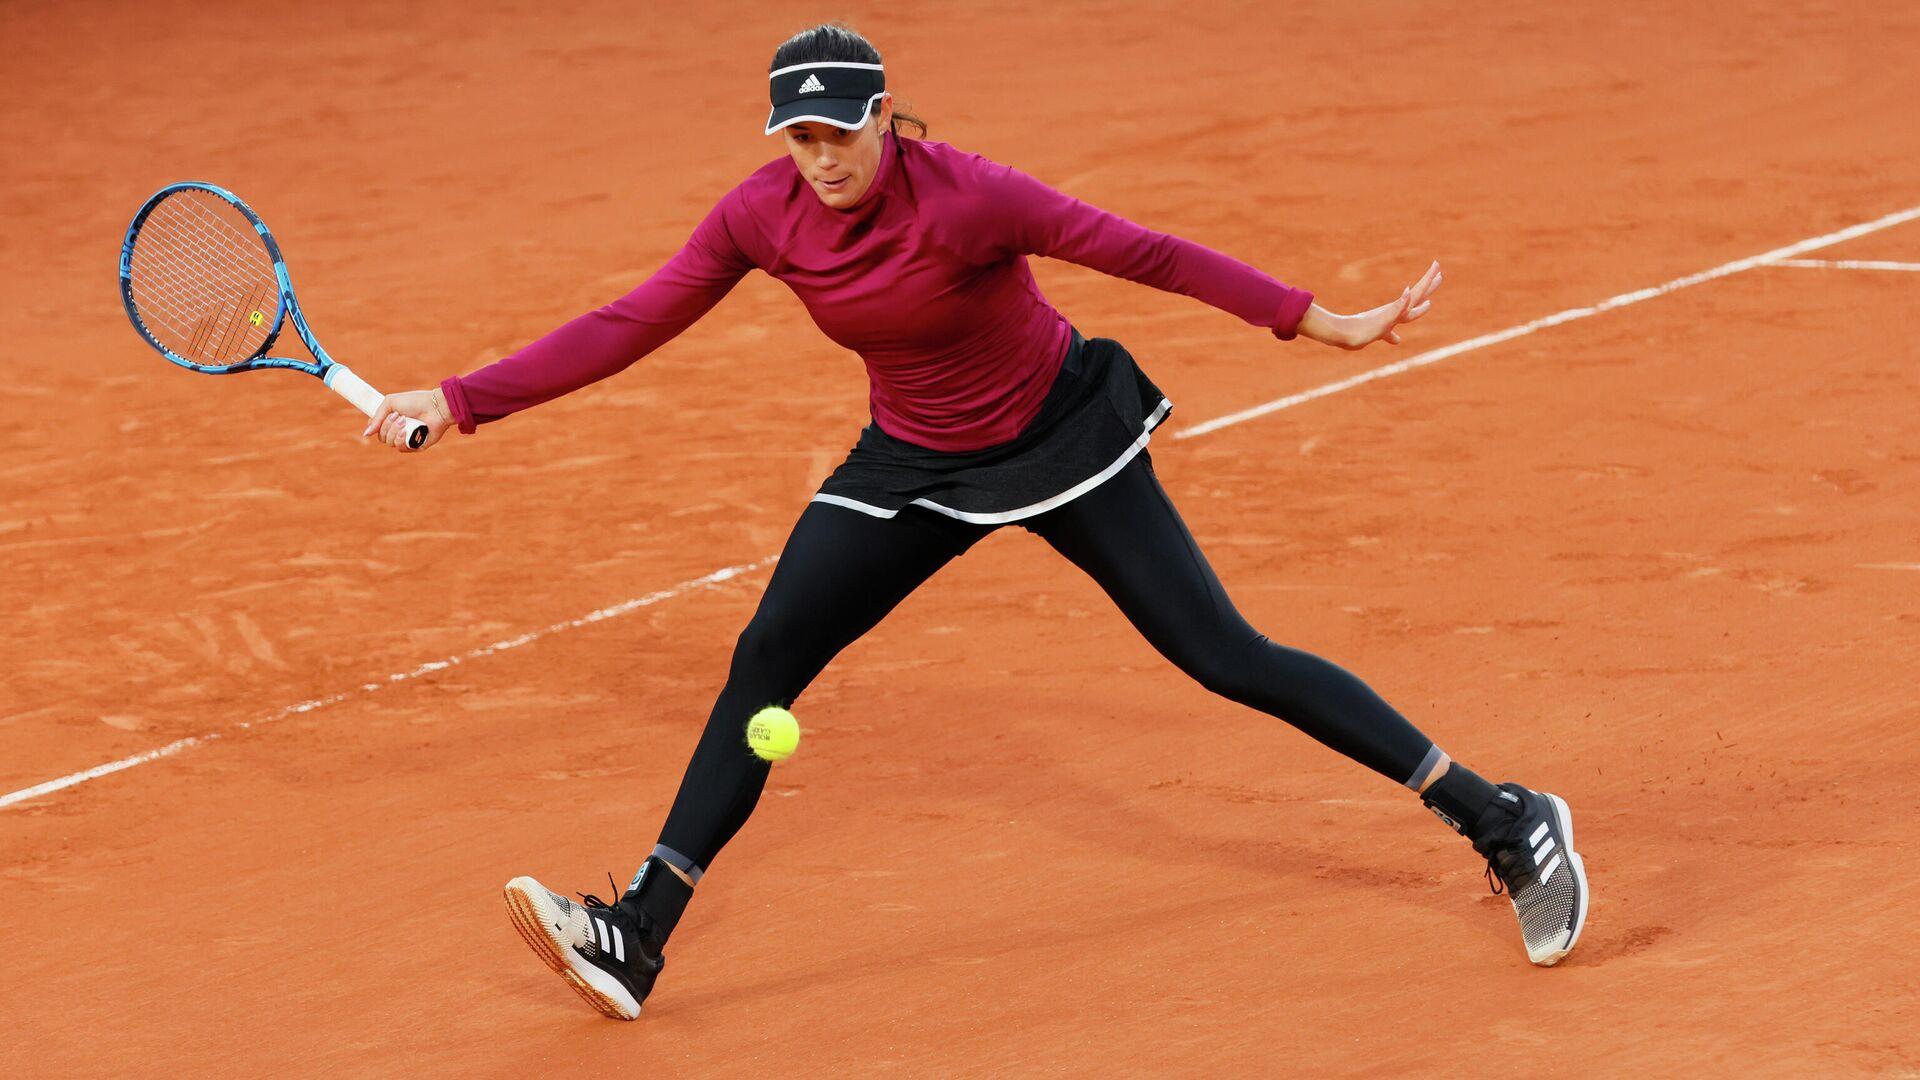 Теннисистка Гарбинье Мугуруса (Испания) - РИА Новости, 1920, 29.09.2020